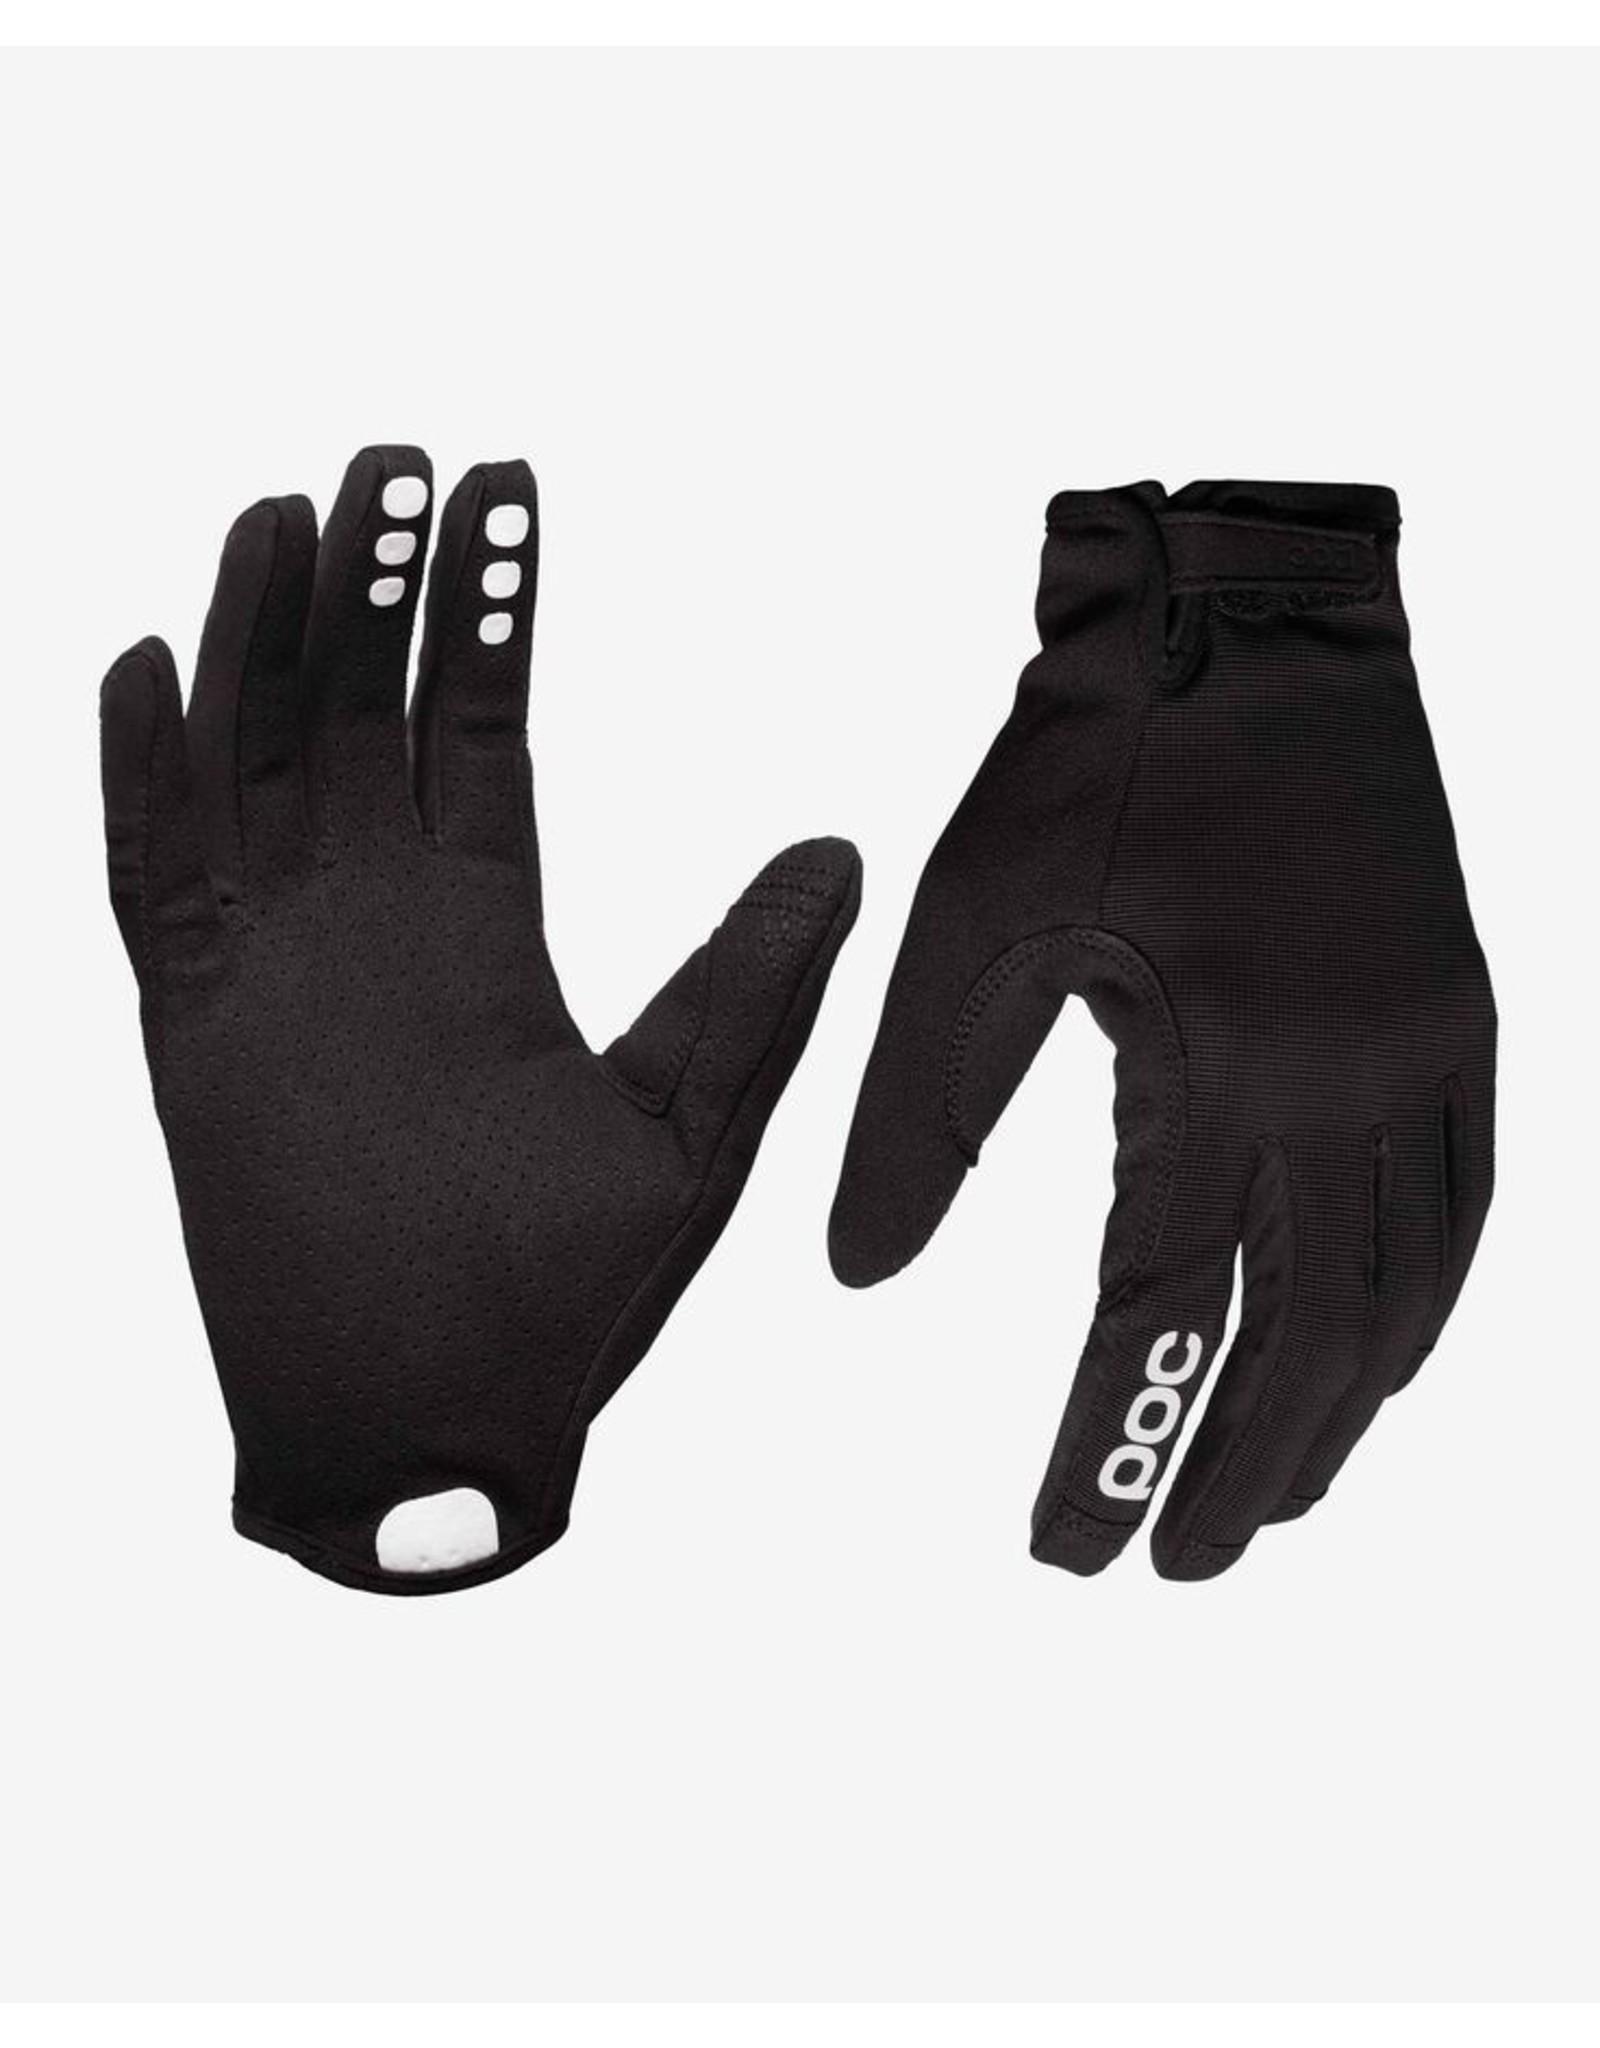 POC POC Resistance Enduro Adj Glove